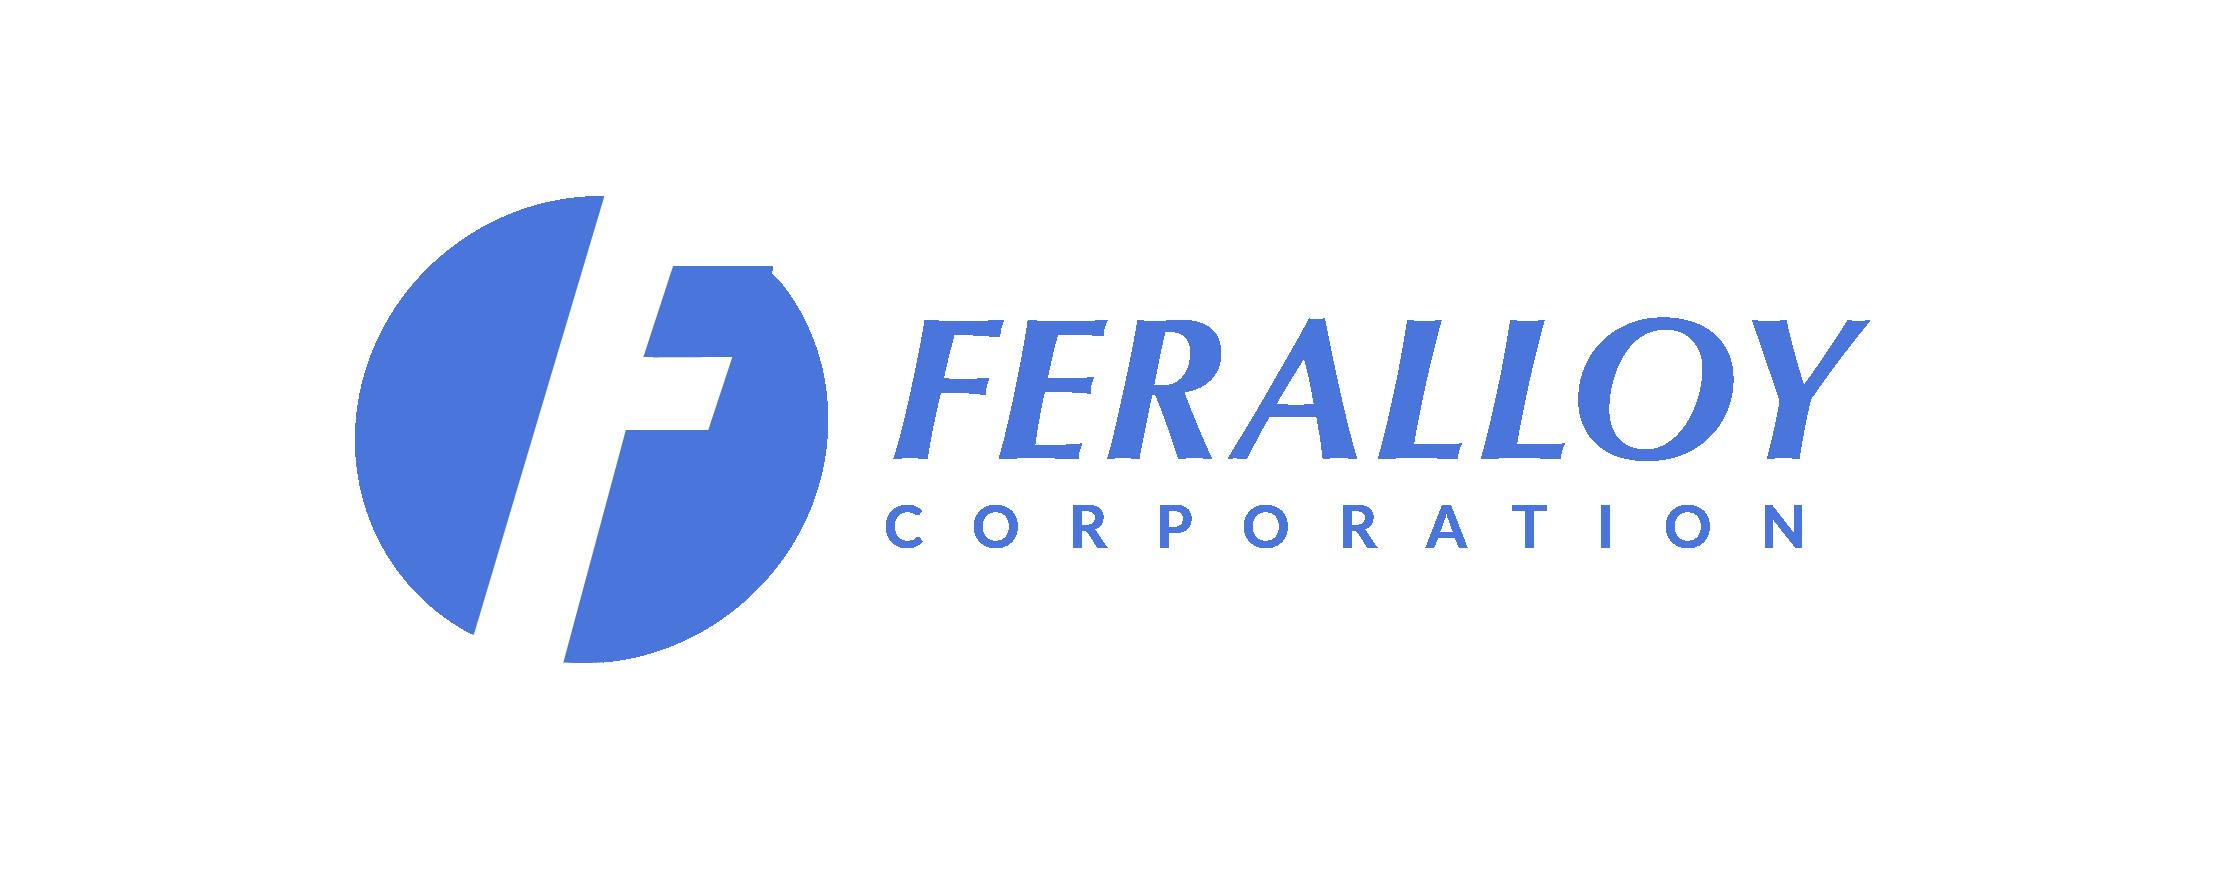 Feralloy Portal